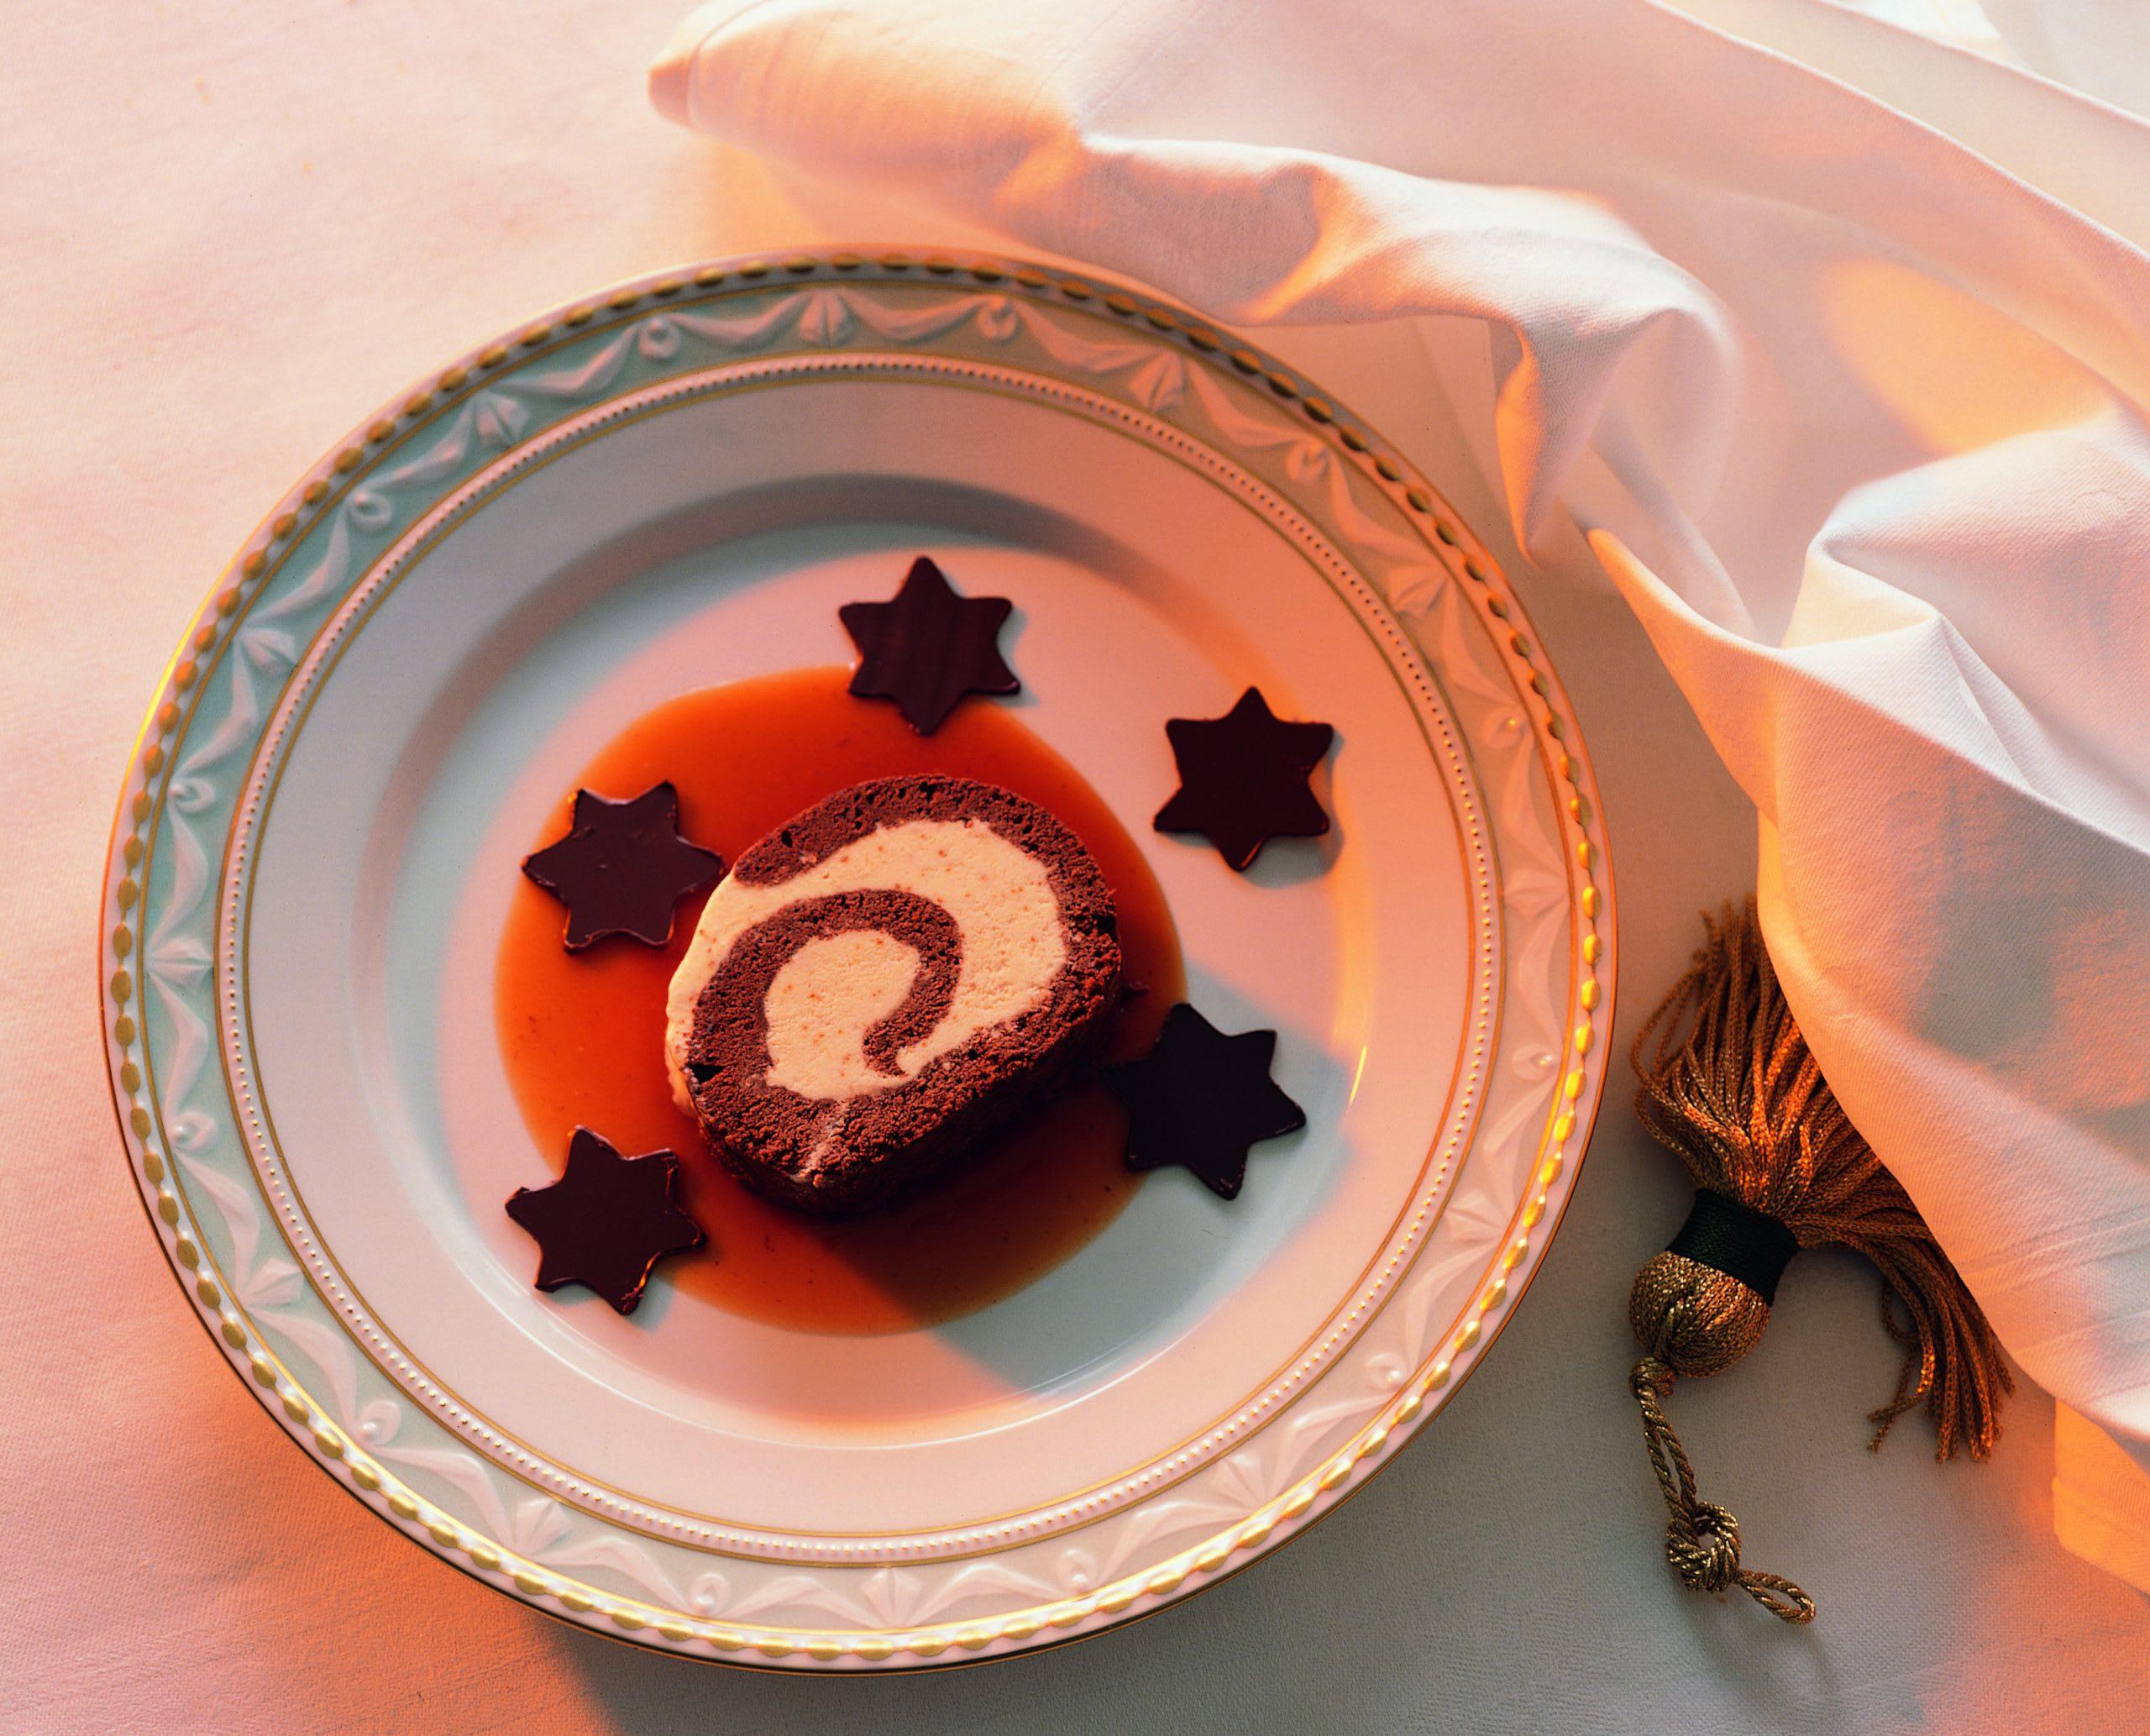 Biscuit au chocolat fourré le parfait glacé au coulis de cynorrhodon